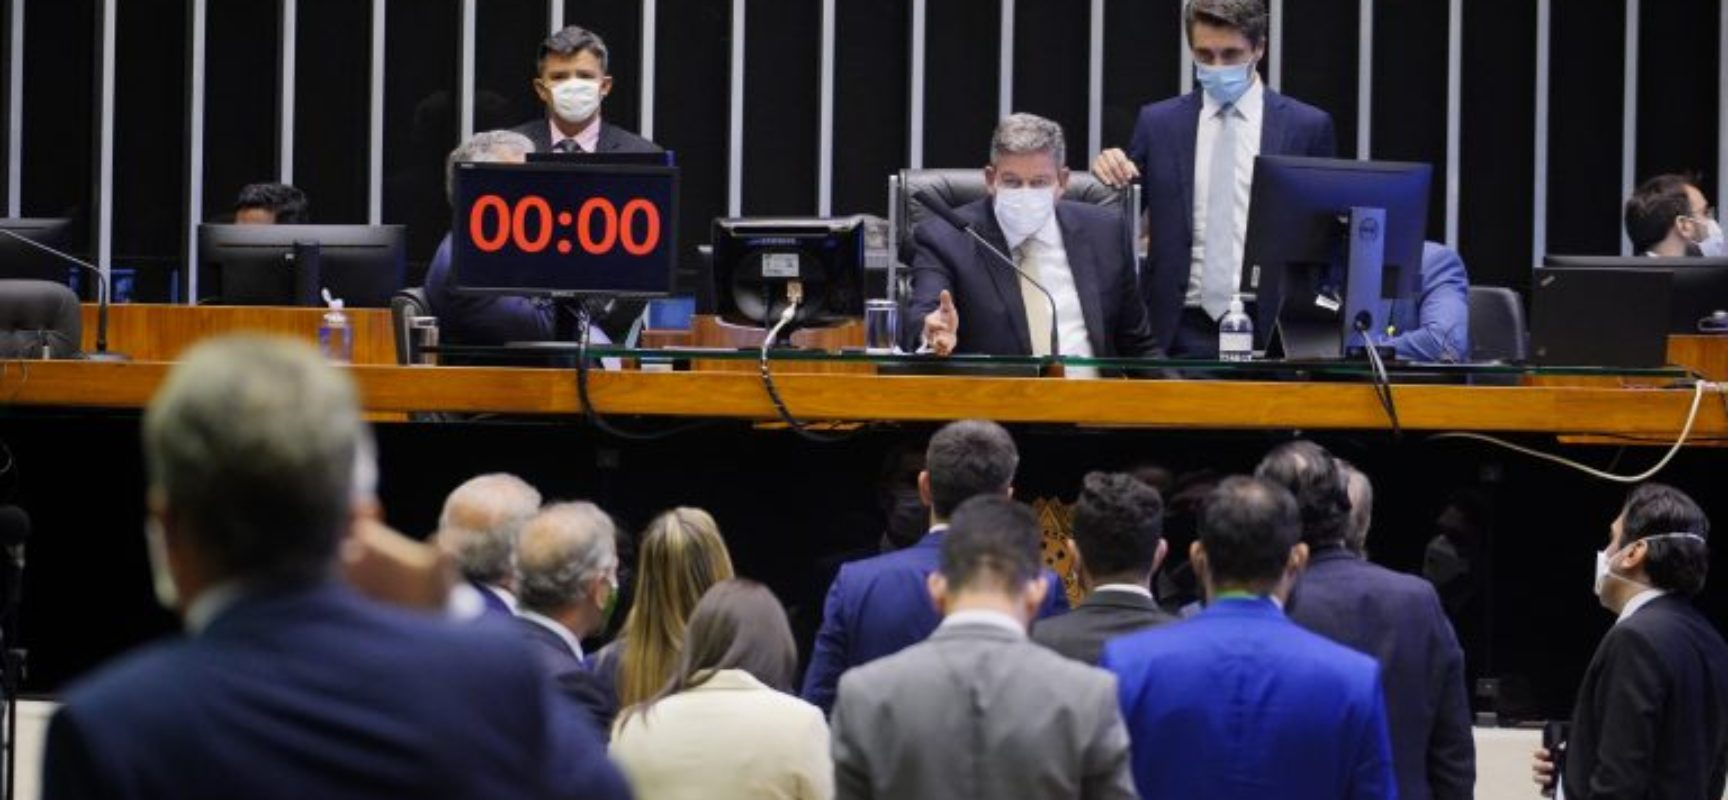 Câmara aprova compra de vacinas pelo setor privado com doação na mesma quantidade ao SUS